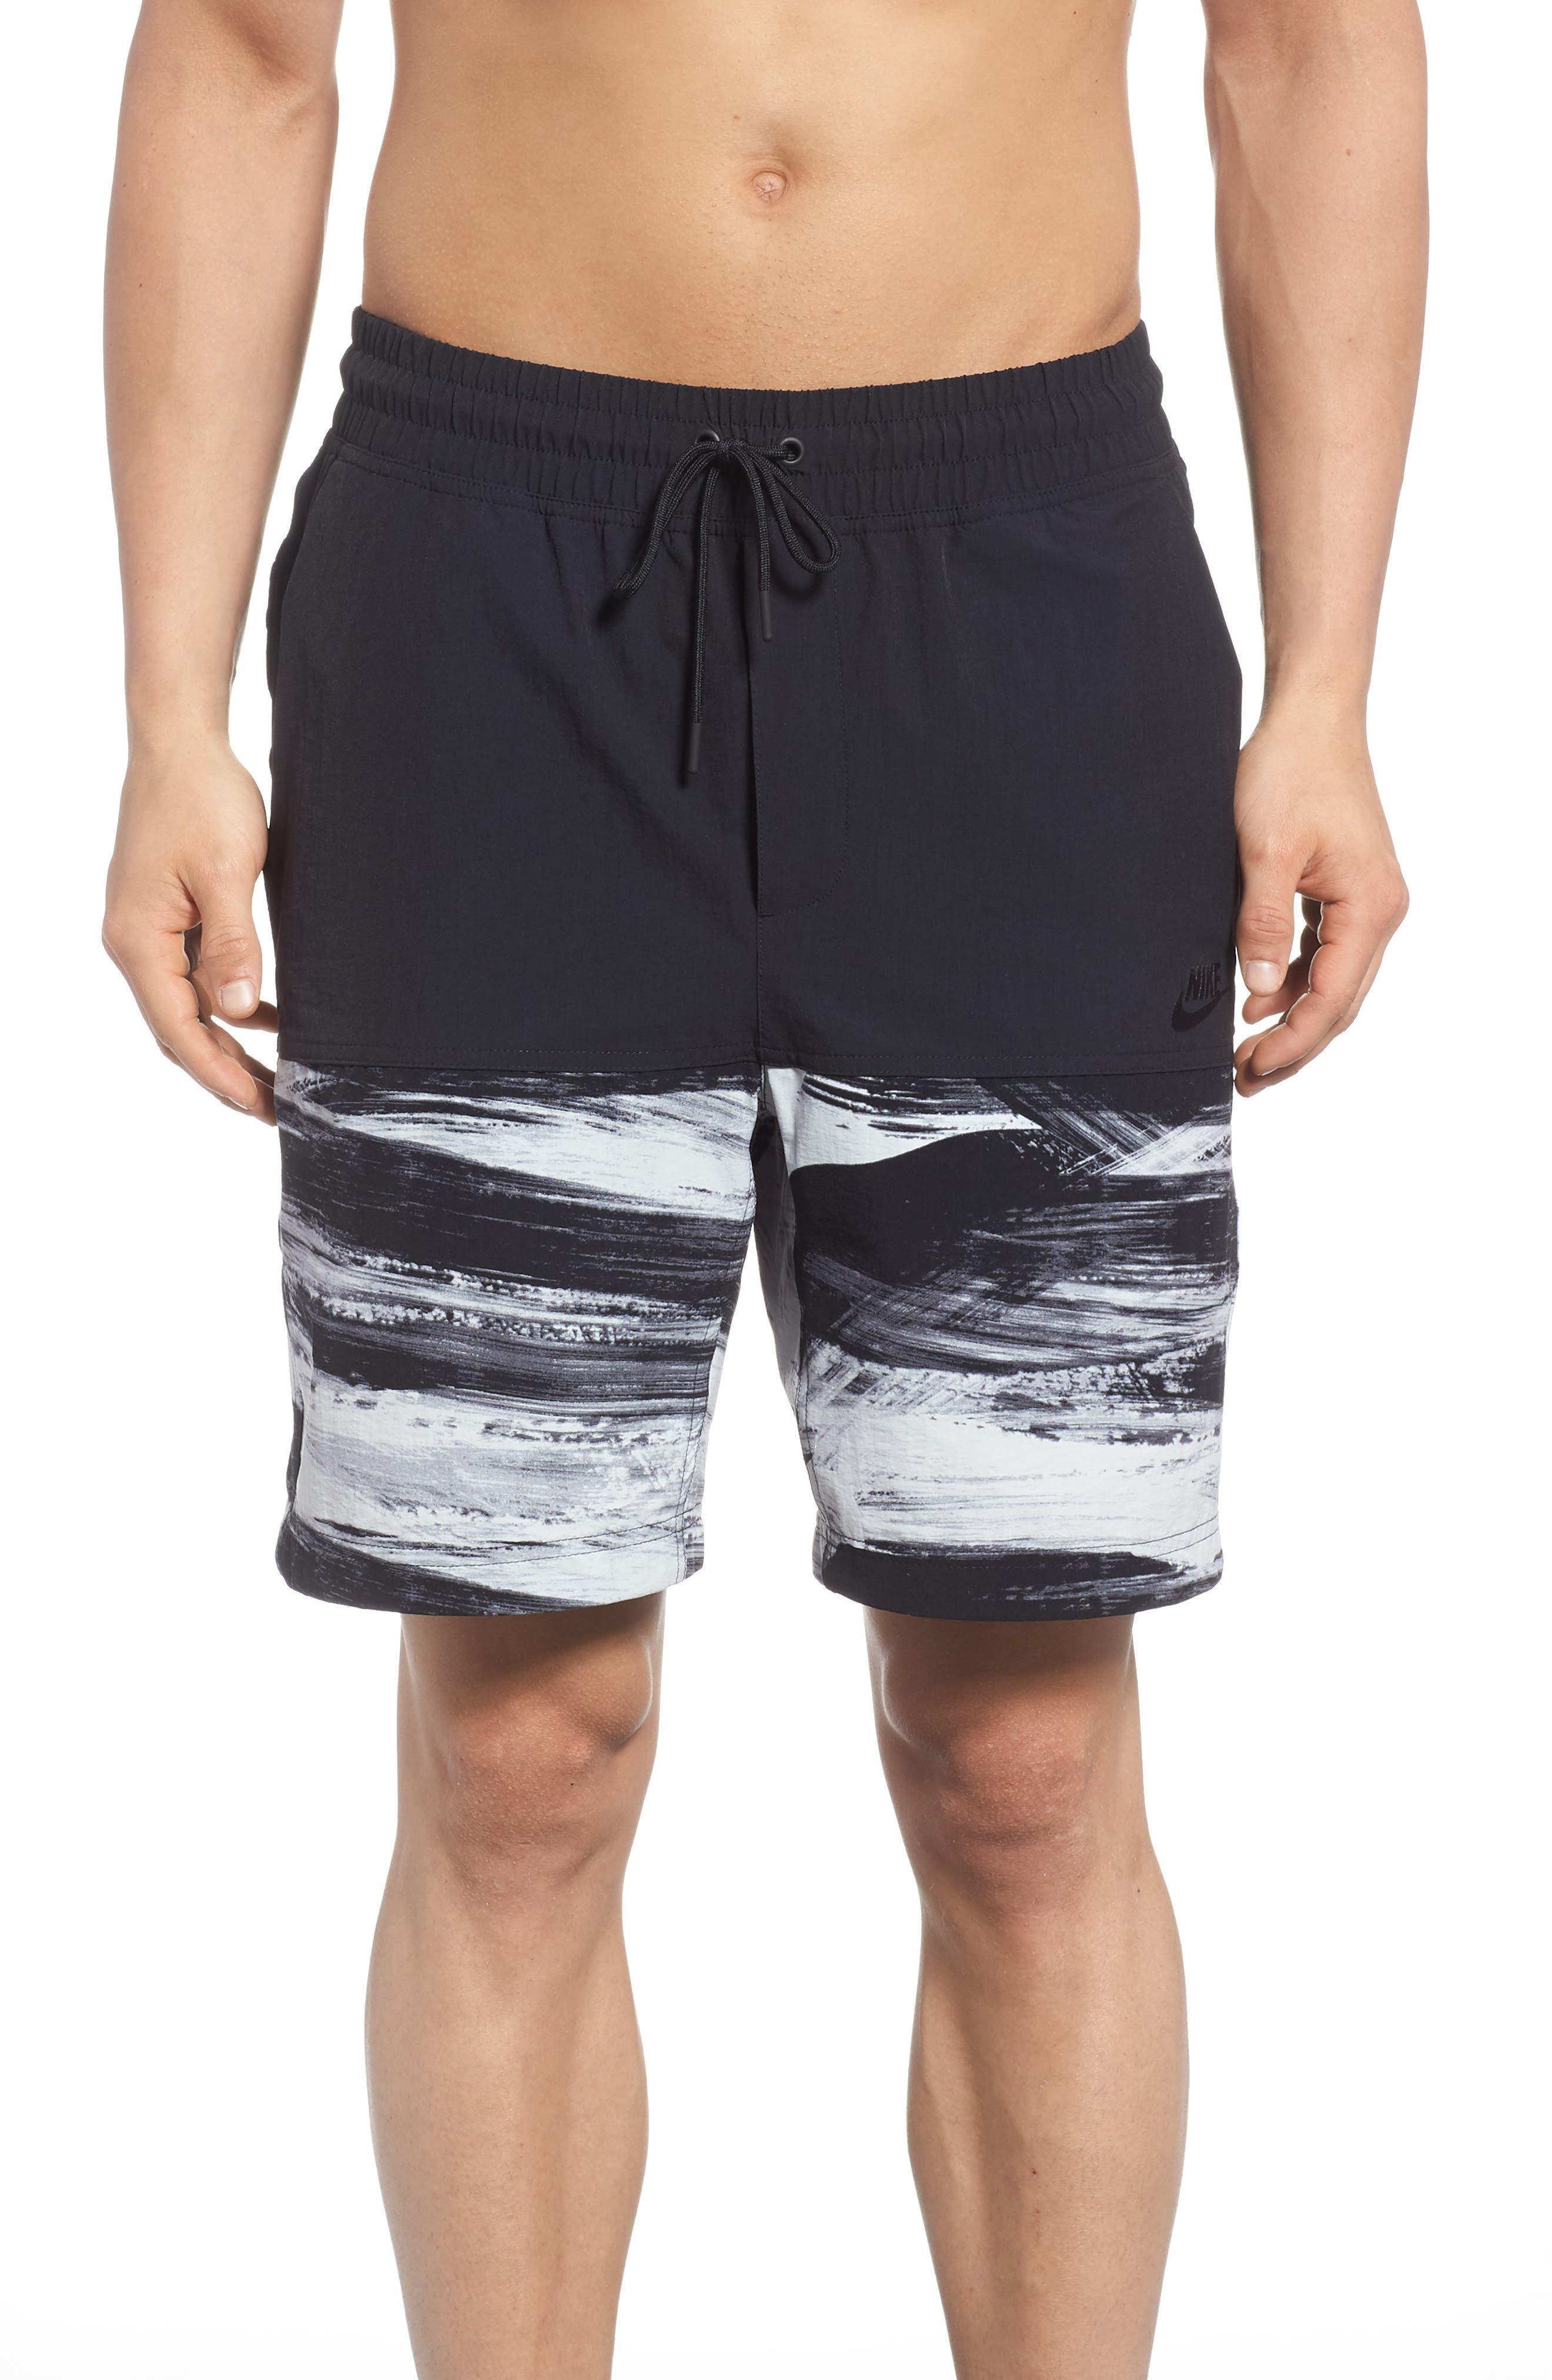 NSW Franchise GX1 Shorts,                             Main thumbnail 1, color,                             Black/ Black